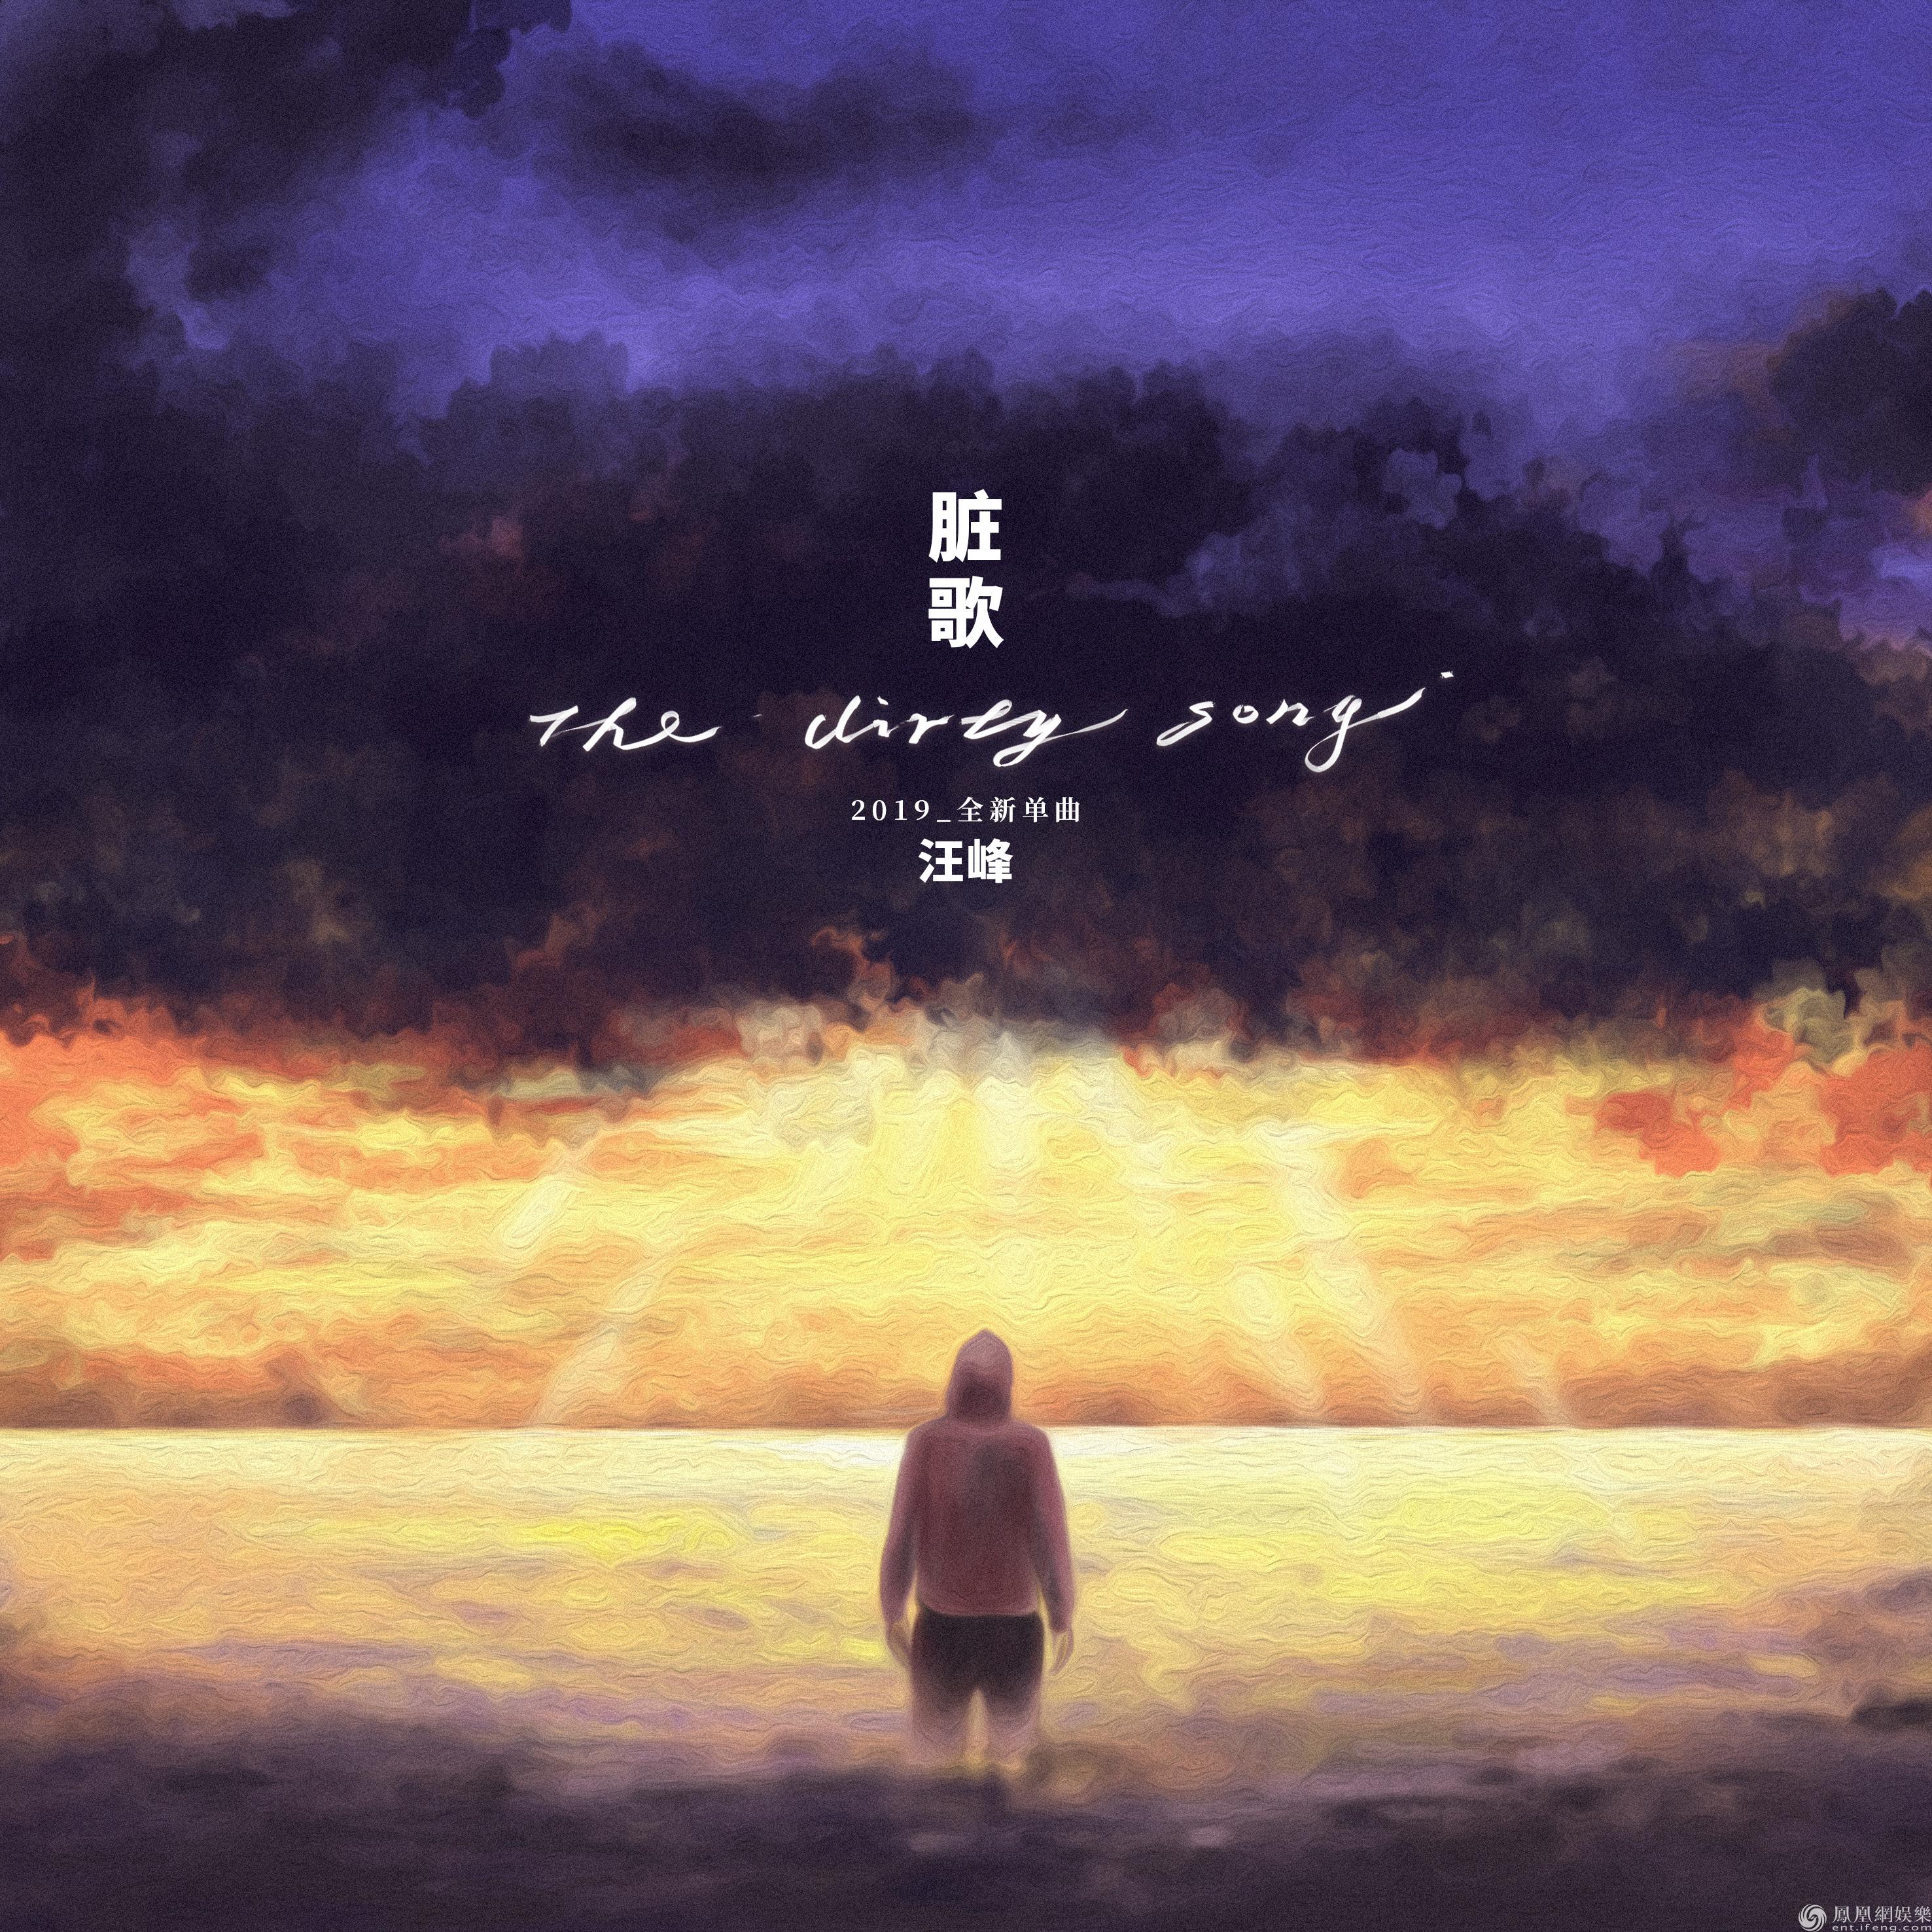 汪峰最新专辑 汪峰2019全新专辑 第二首主打单曲《脏歌》今日发布